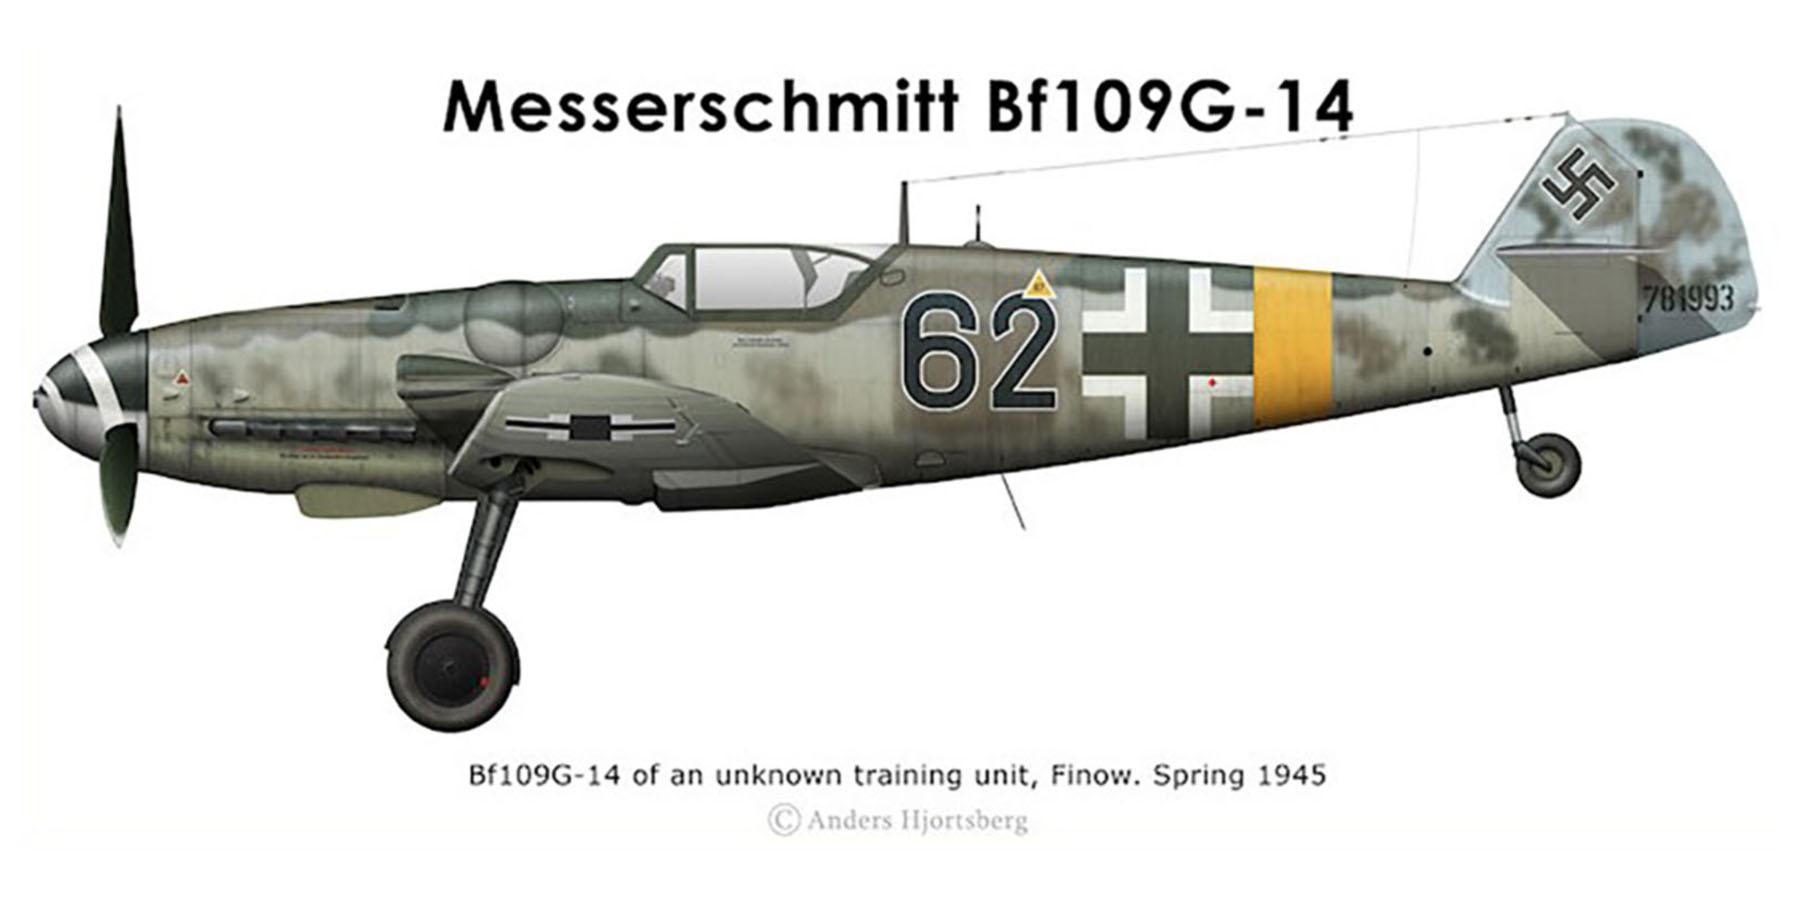 Messerschmitt Bf 109G14 Erla Reichsverteidigung Black 62 Stkz SA+RN WNr 781993 unknown unit Mar 1945 0A